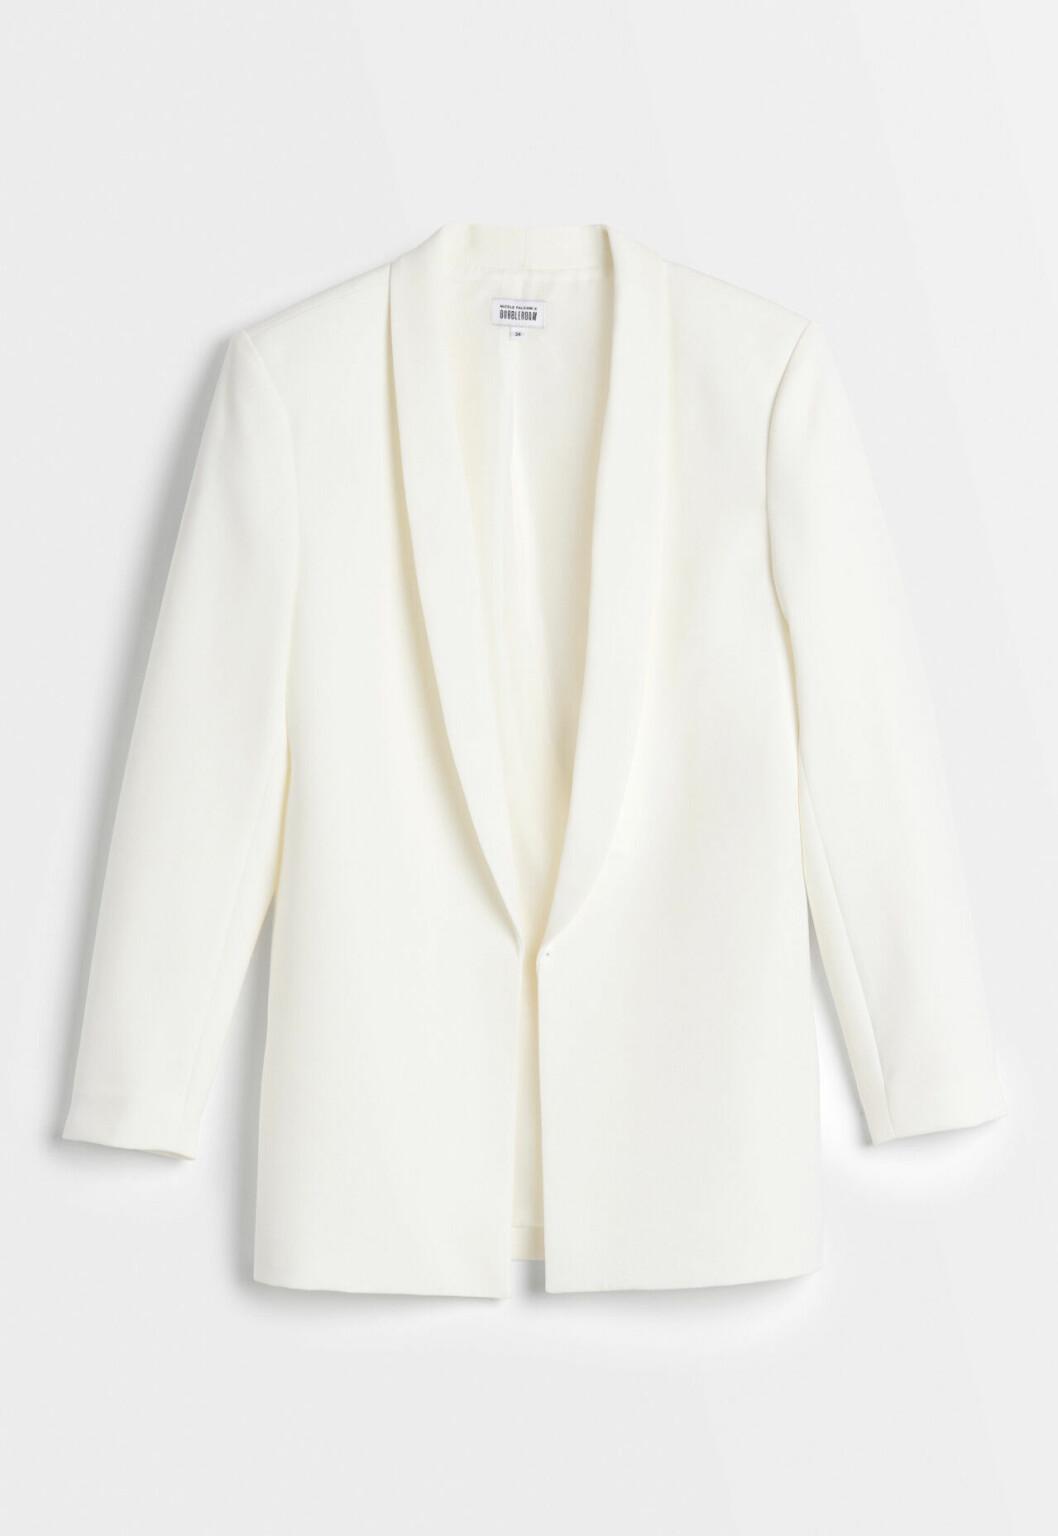 Vit kostym från Nicole Falcianis bröllopskollektion för Bubbleroom